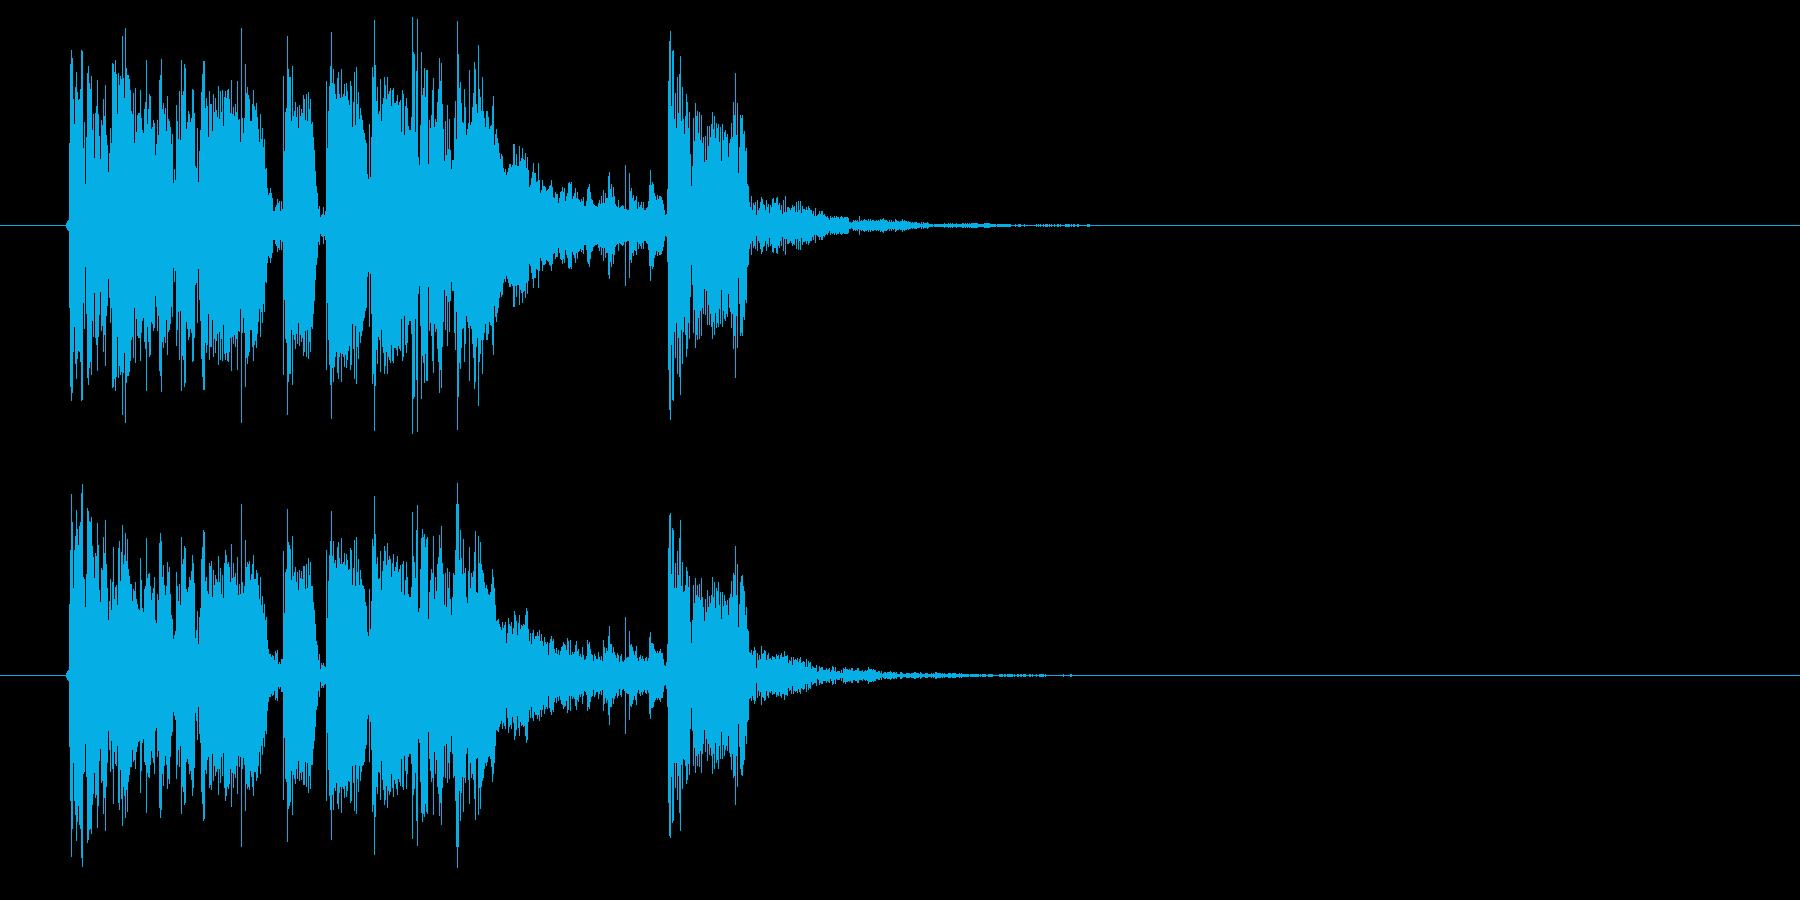 クールでワイルドなパンクロックジングルの再生済みの波形